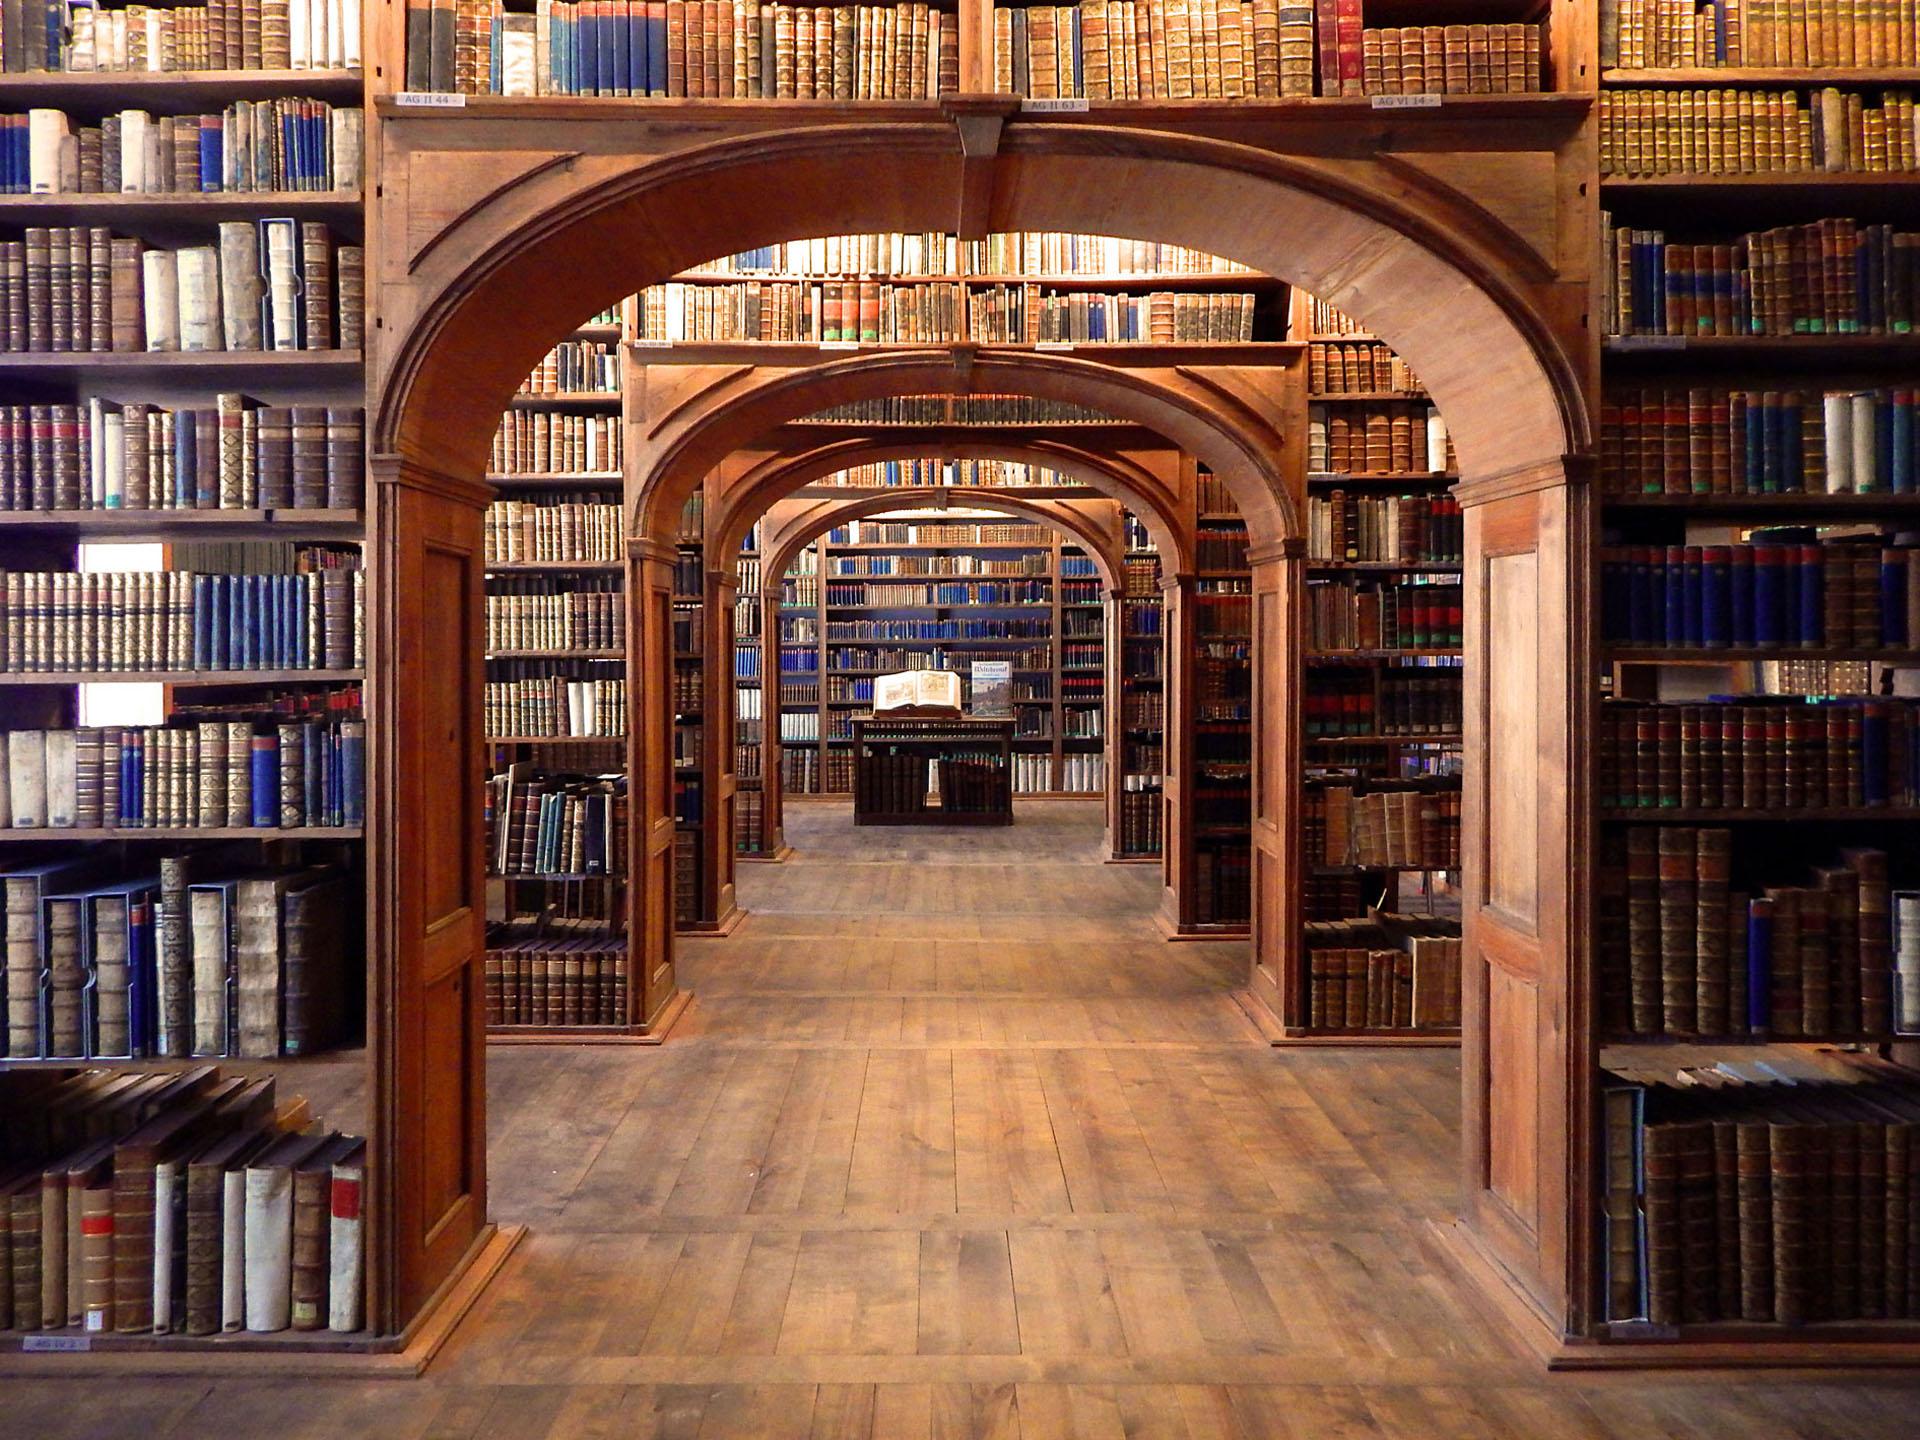 Oberlausitzische Bibliothek - historischer Bibliothekssaal